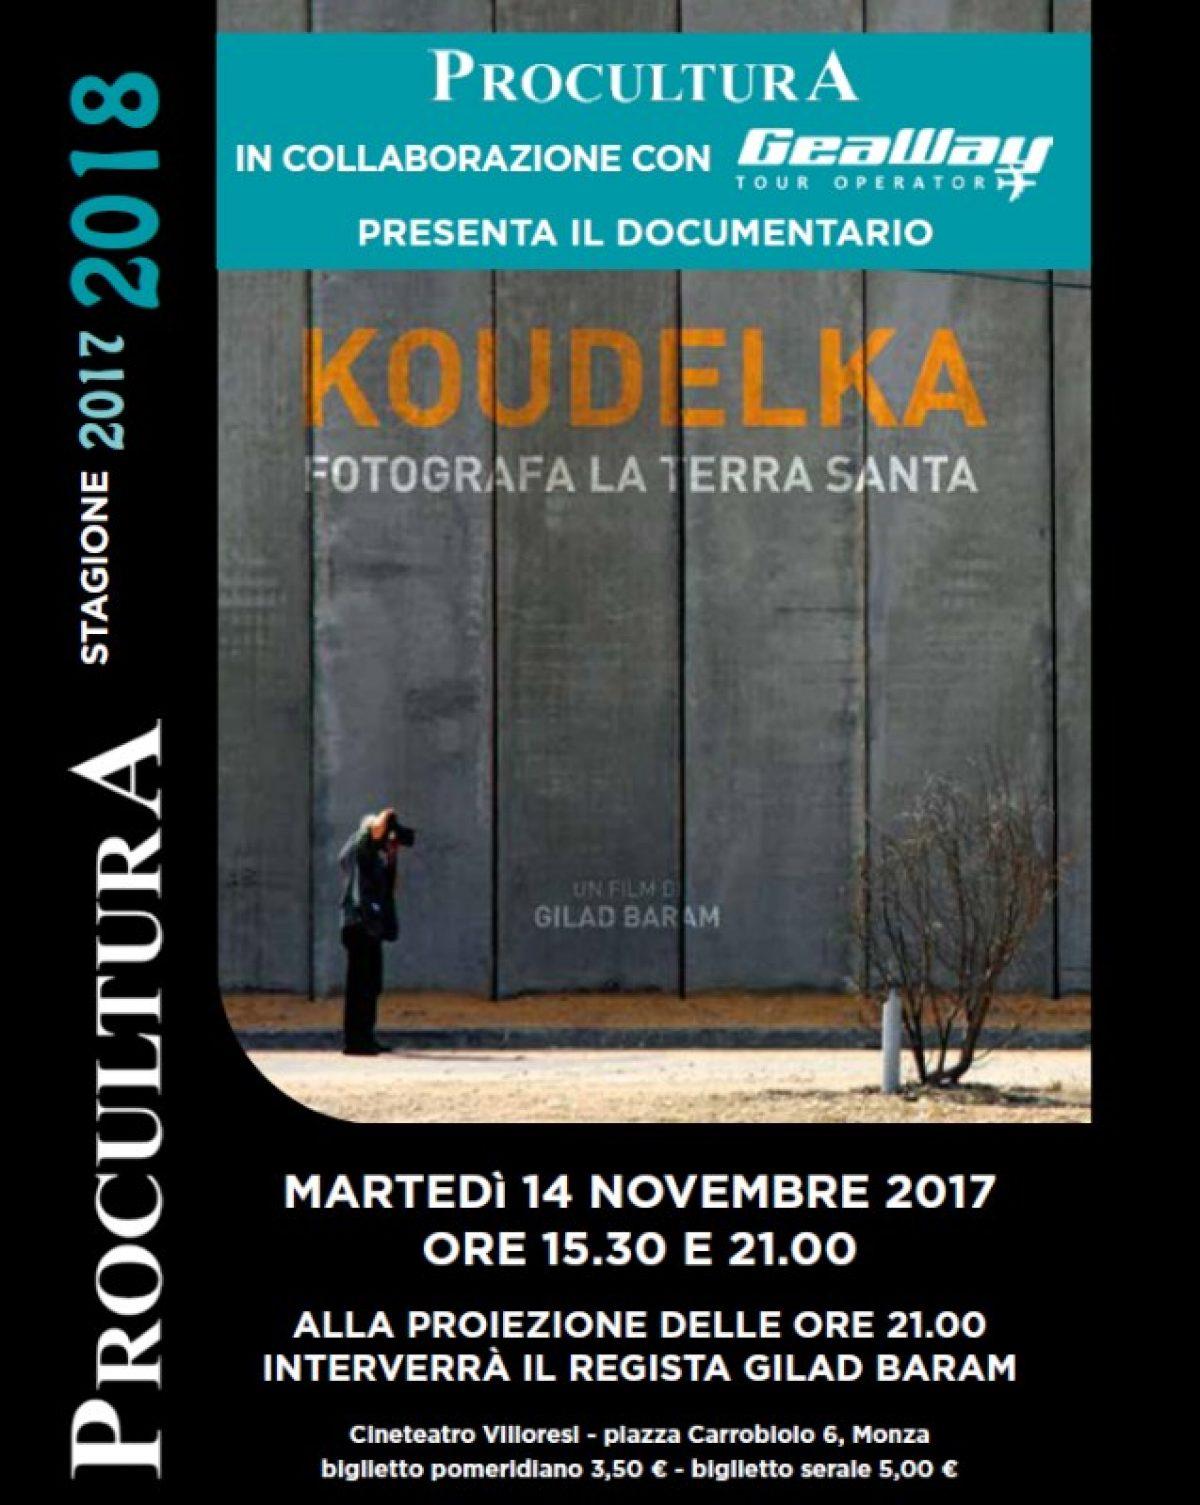 Documentario: Koudelka, fotografa la Terra Santa